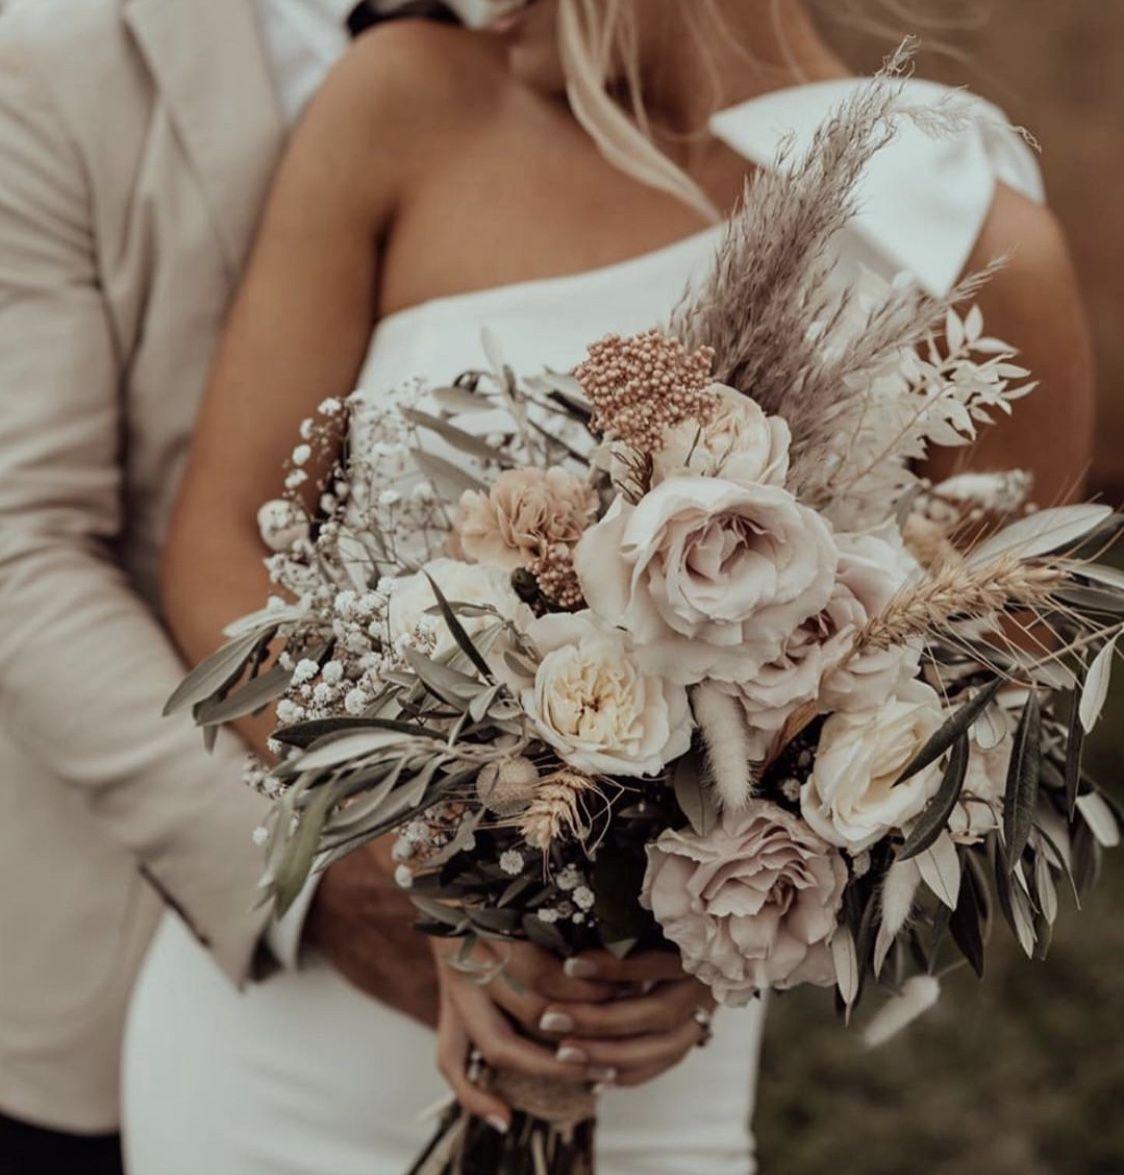 Mauve & White Rose Bridal Bouquet - Driftwood Flowers